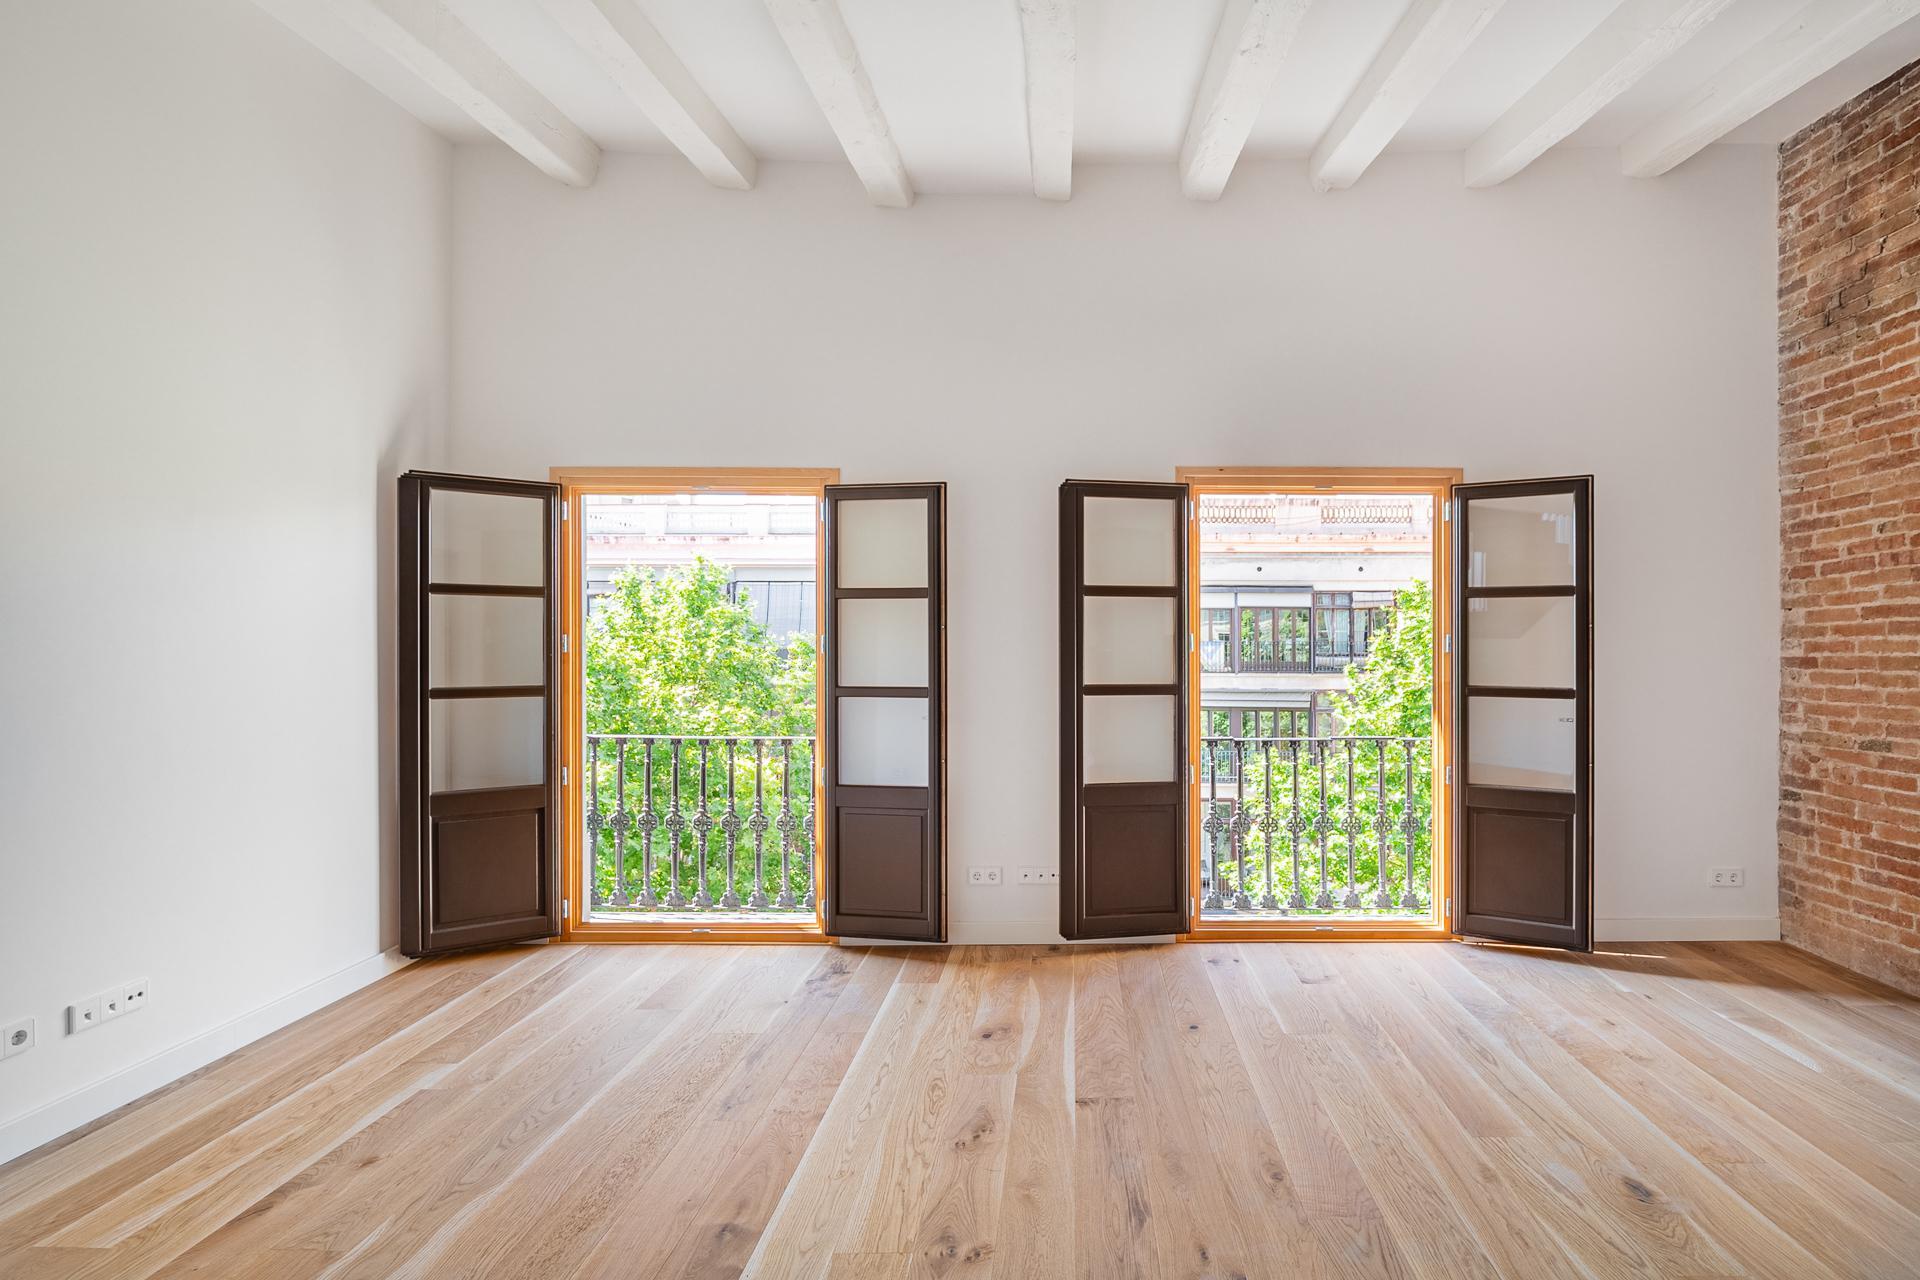 245901 Flat for sale in Ciutat Vella, St. Pere St. Caterina and La Ribera 2